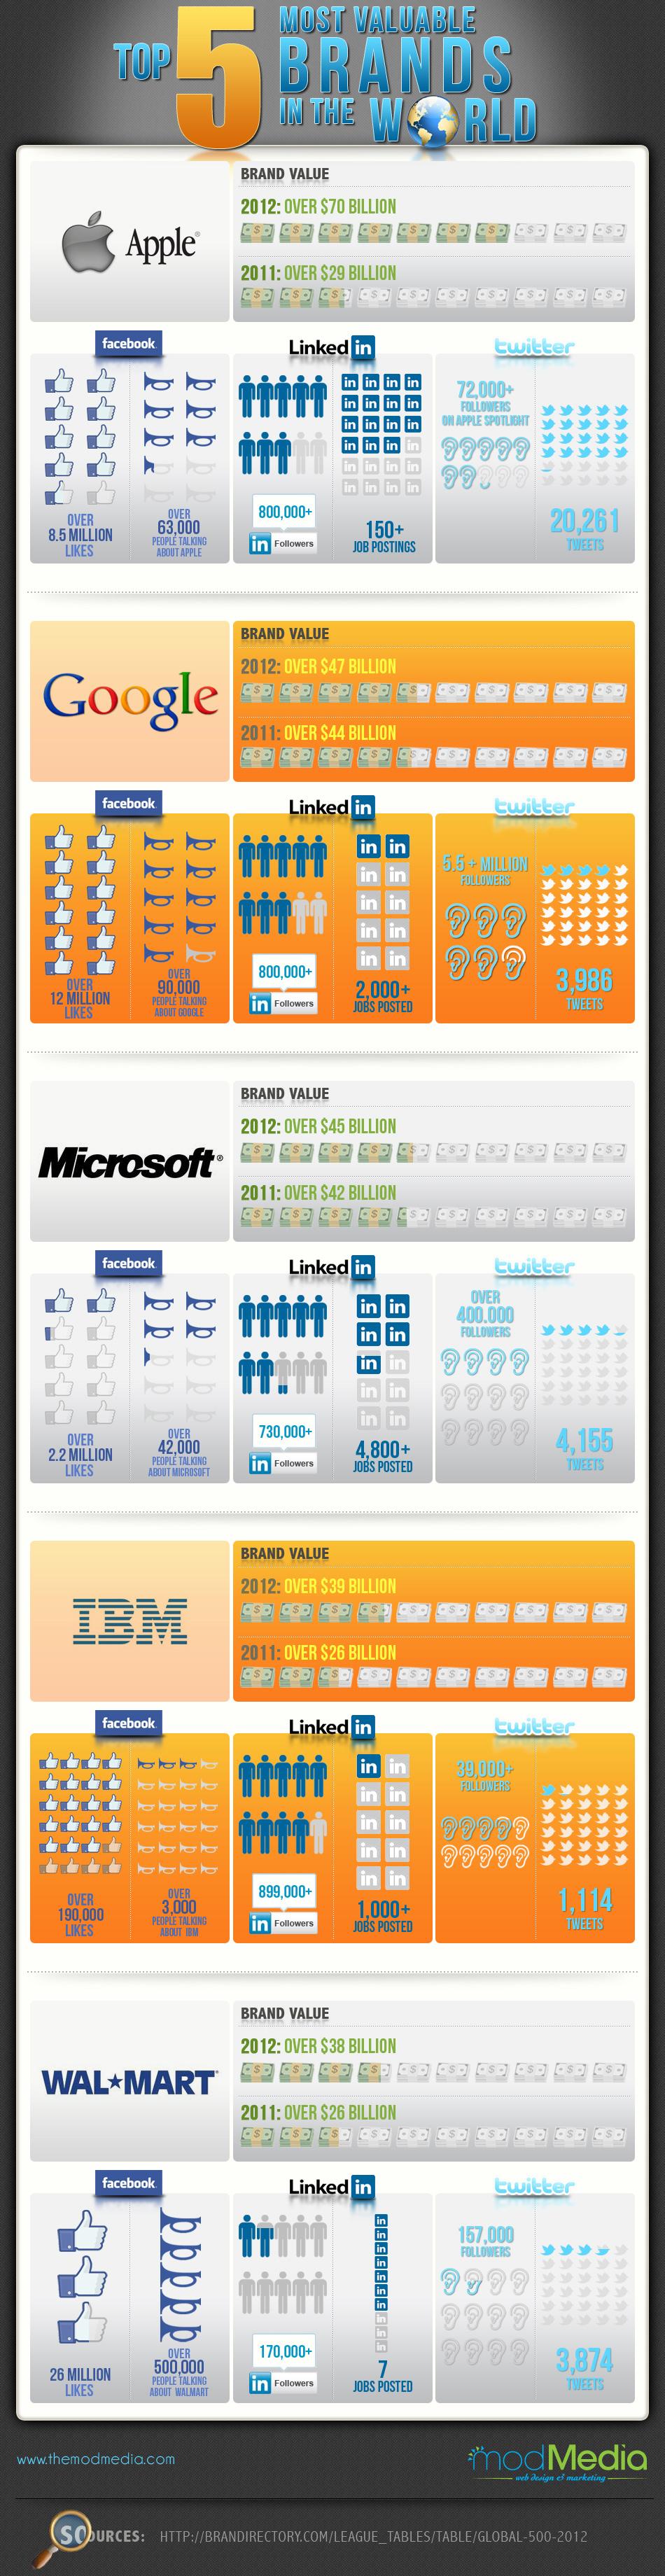 Las 5 marcas más valoradas del mundo